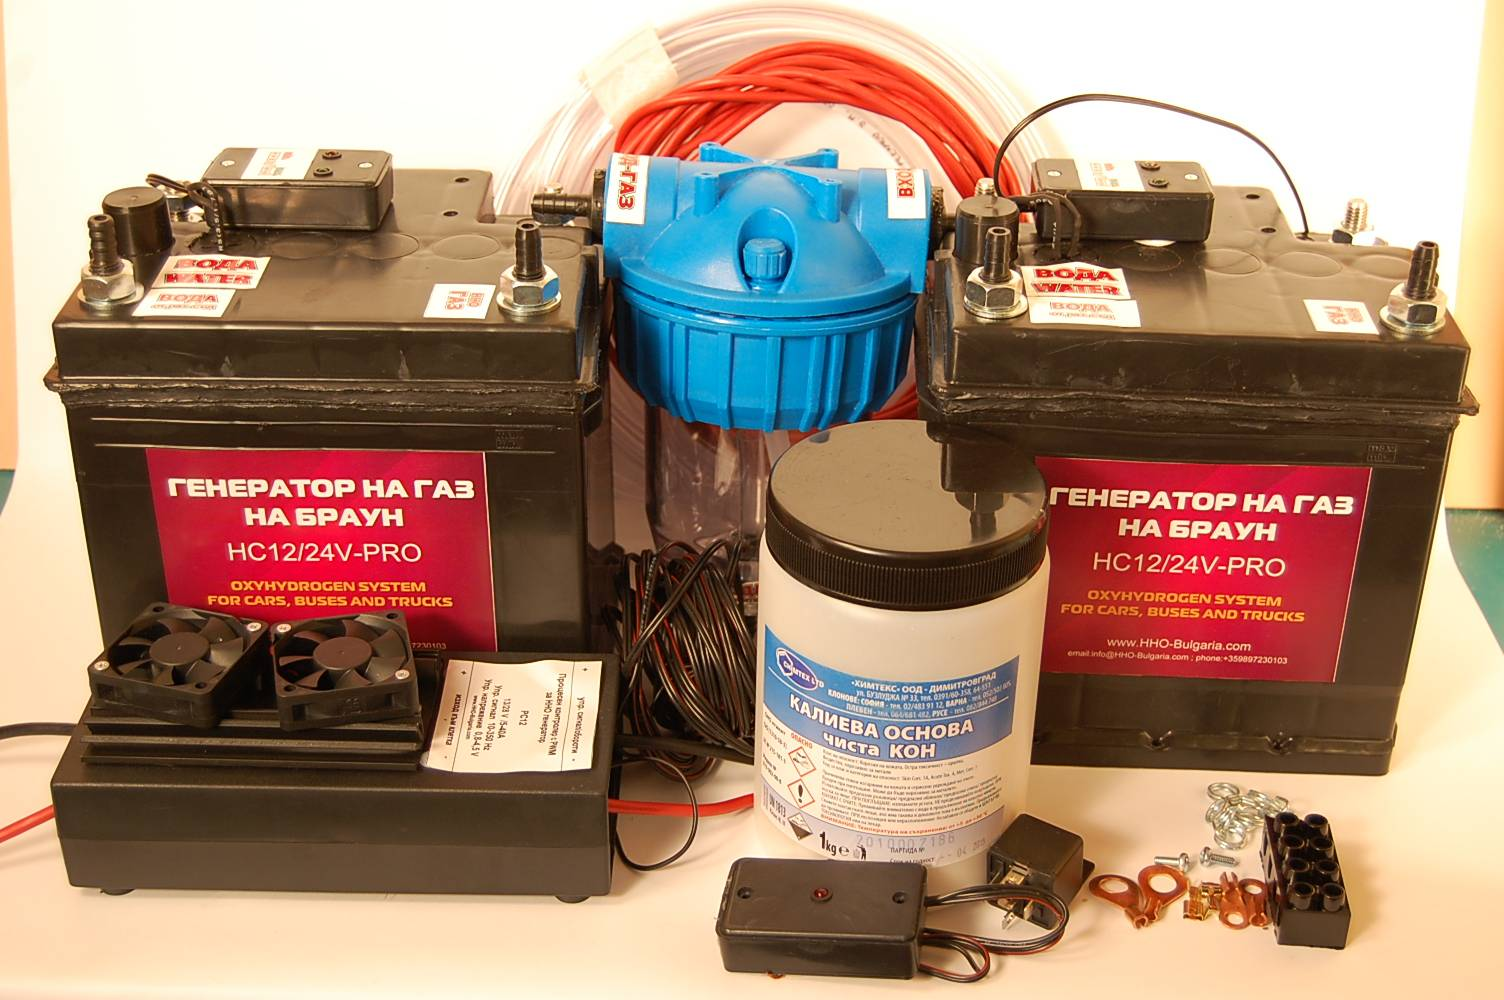 Генератор газа брауна для отопления дома? - вентиляция, кондиционирование и отопление